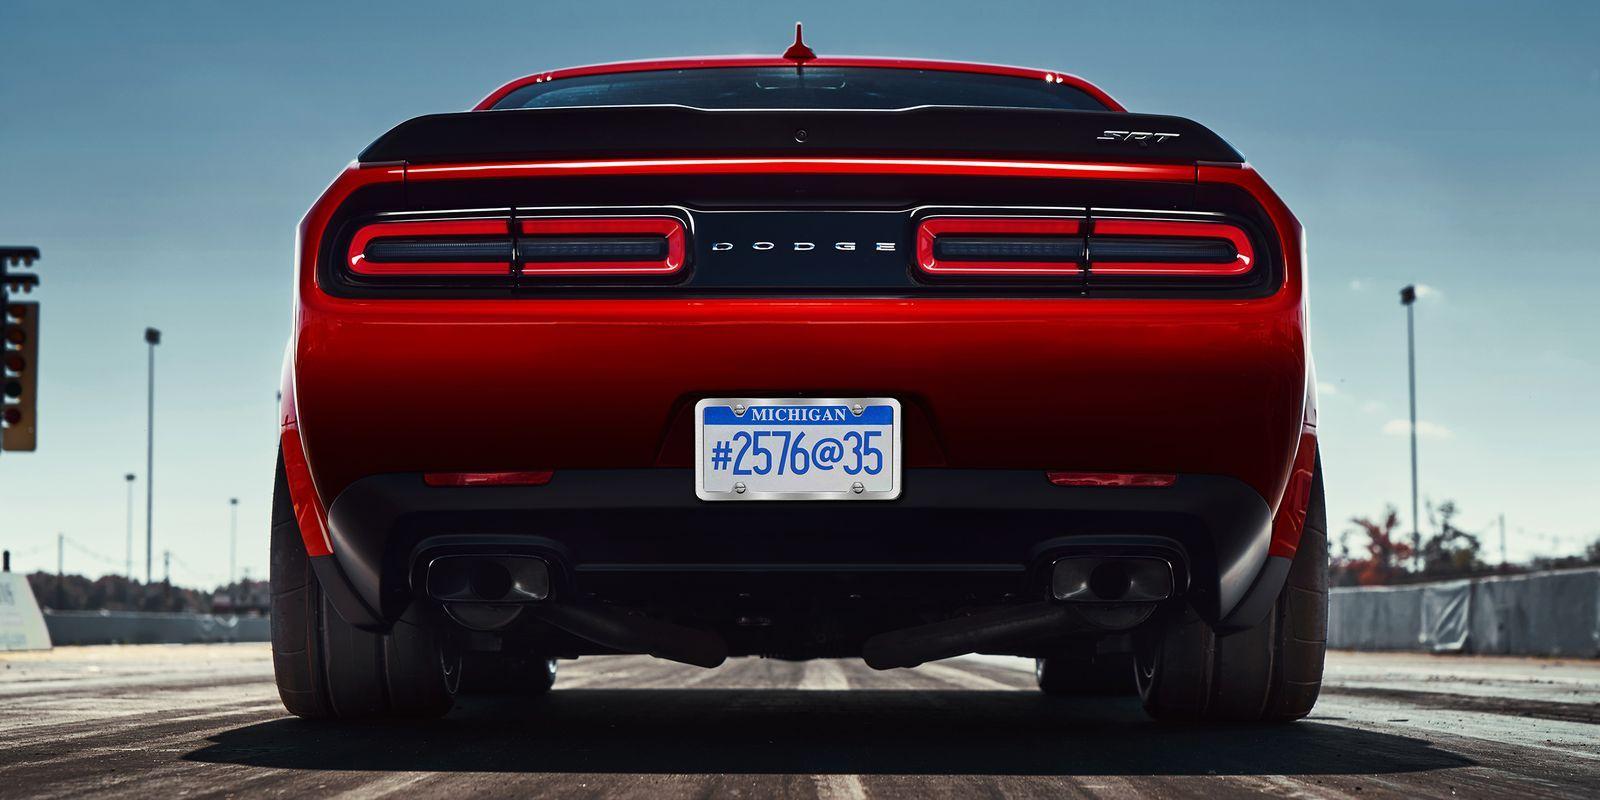 The 2018 Dodge Challenger Srt Demon Wears 315 Width Drag Radials Front And Rear Dodge Challenger Challenger Srt Demon 2018 Dodge Challenger Srt